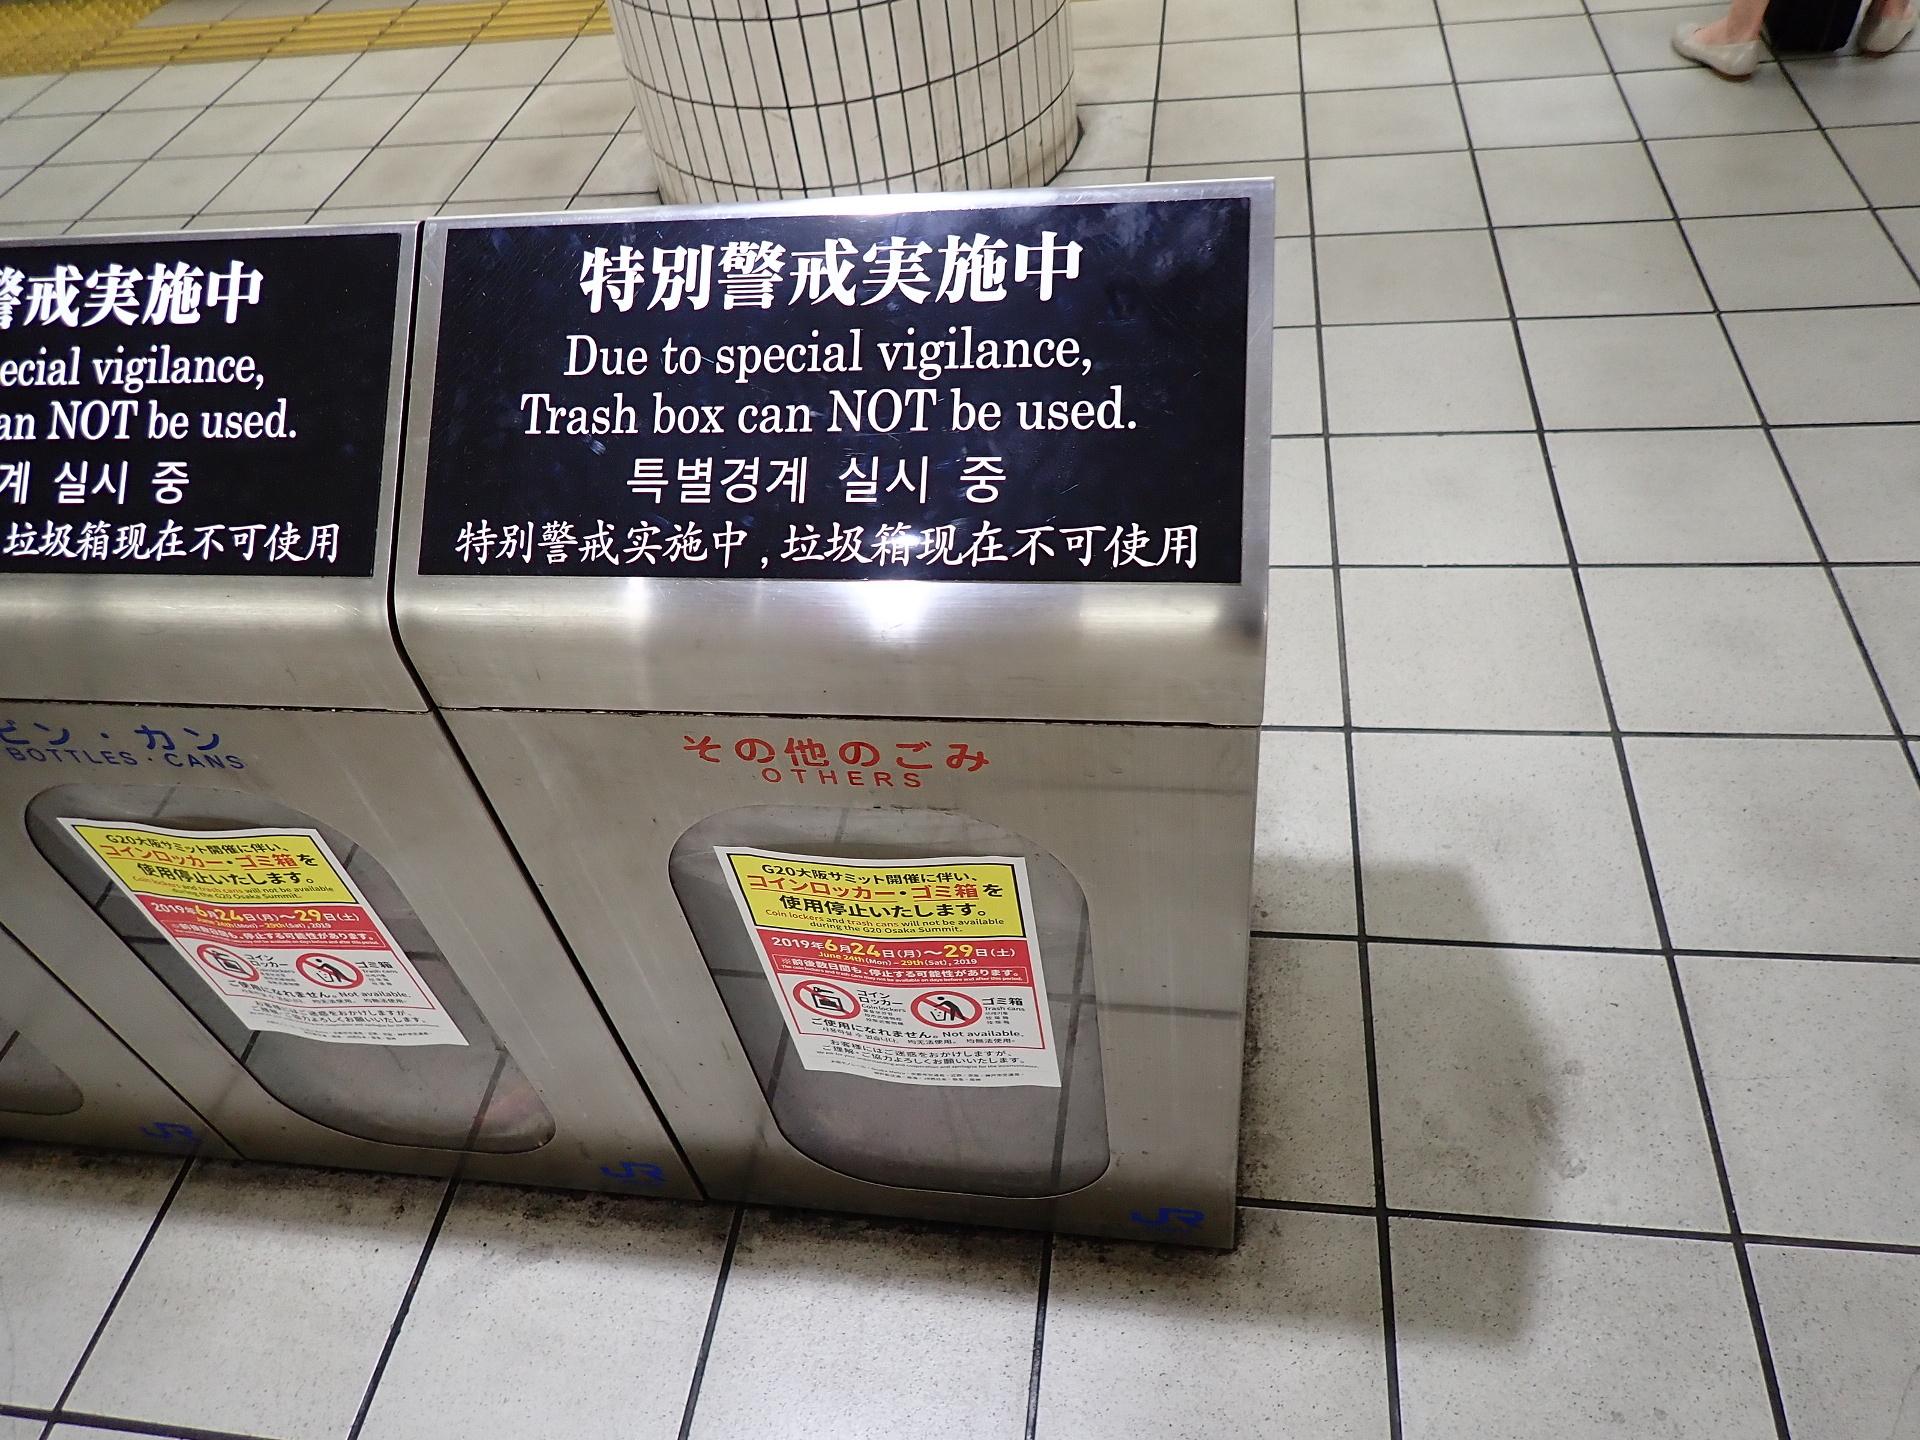 サミット警備でゴミ箱は写真の様に封印されています。